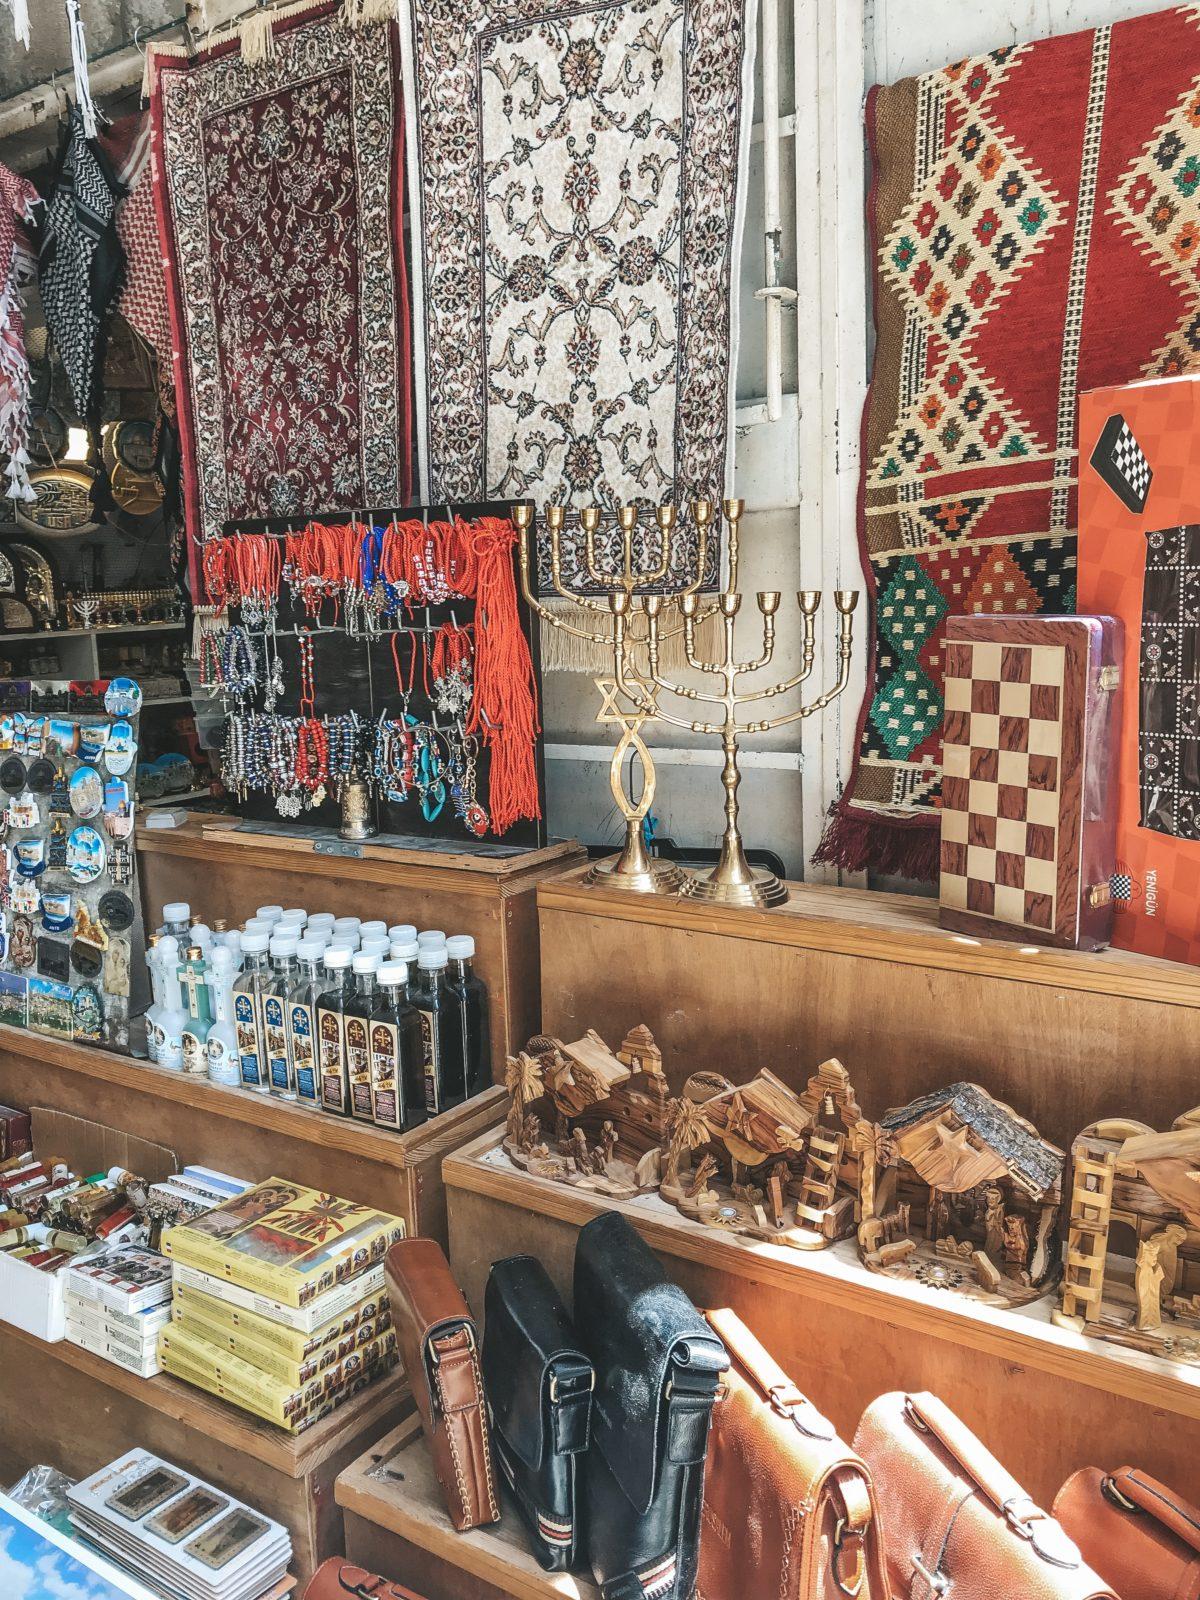 Jaffa markets